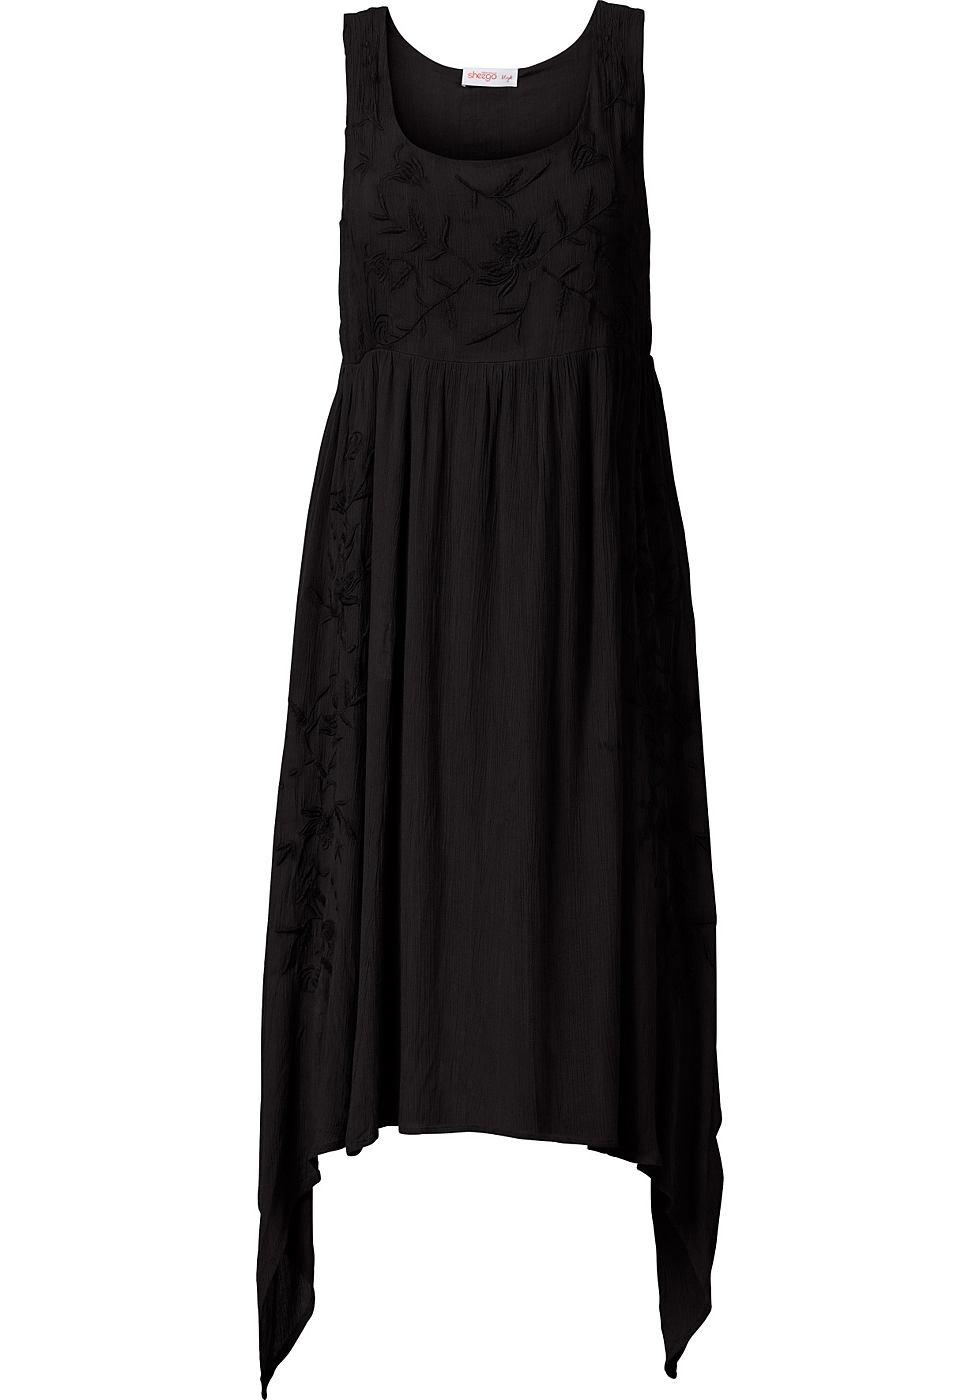 Sheego Style puntjurk zwart